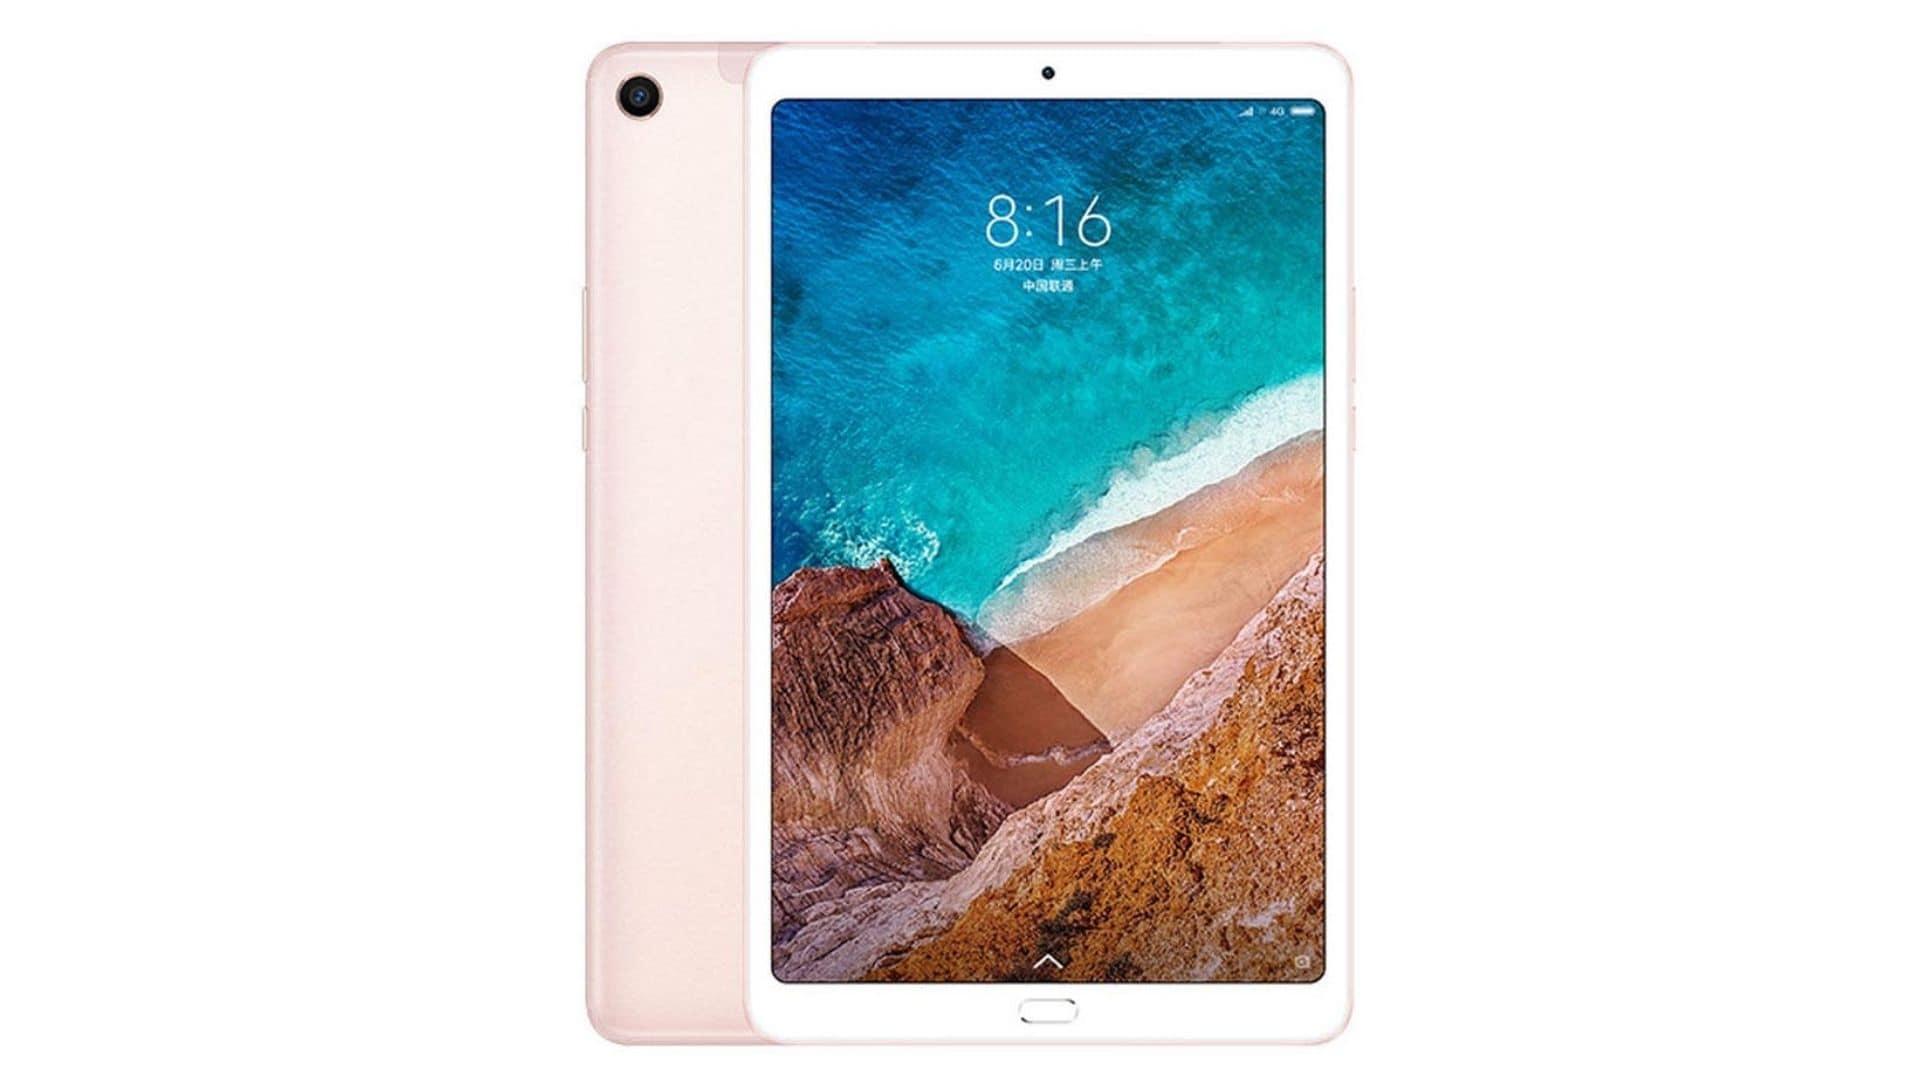 Tablet Xiaomi Mi Pad 4 rosa de frente e de traseira no fundo branco